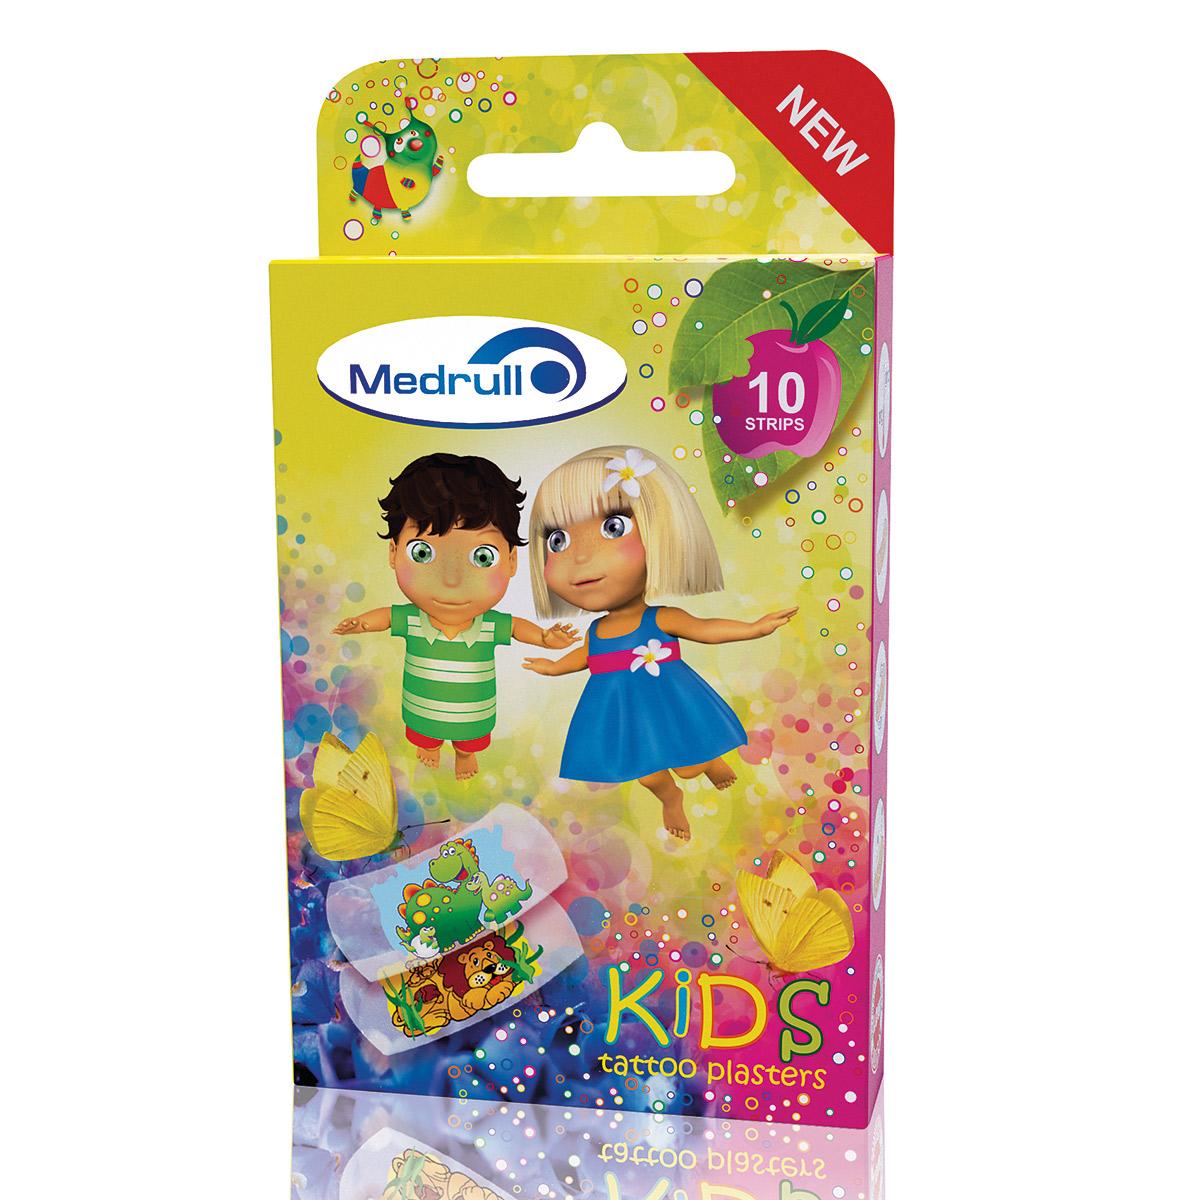 Medrull Лейкопластыри медицинские детские в стрипах Kids Tattoo4742225005762Водонепроницаемые, грязенепроницаемыe, прозрачные тонкие пластыри с веселым рисунком тату, обязательно понравятся детям. Пластыри изготовлены из эластичного полиуретанового материала, гипоаллергенны. Абсорбирующая подушечка изготовлена из вискозы и обладает высокой впитываемостью. Верхняя часть подушечки обработана полипропиленом, что защищает от вероятности прилипания пластыря к поврежденной поверхности кожи.